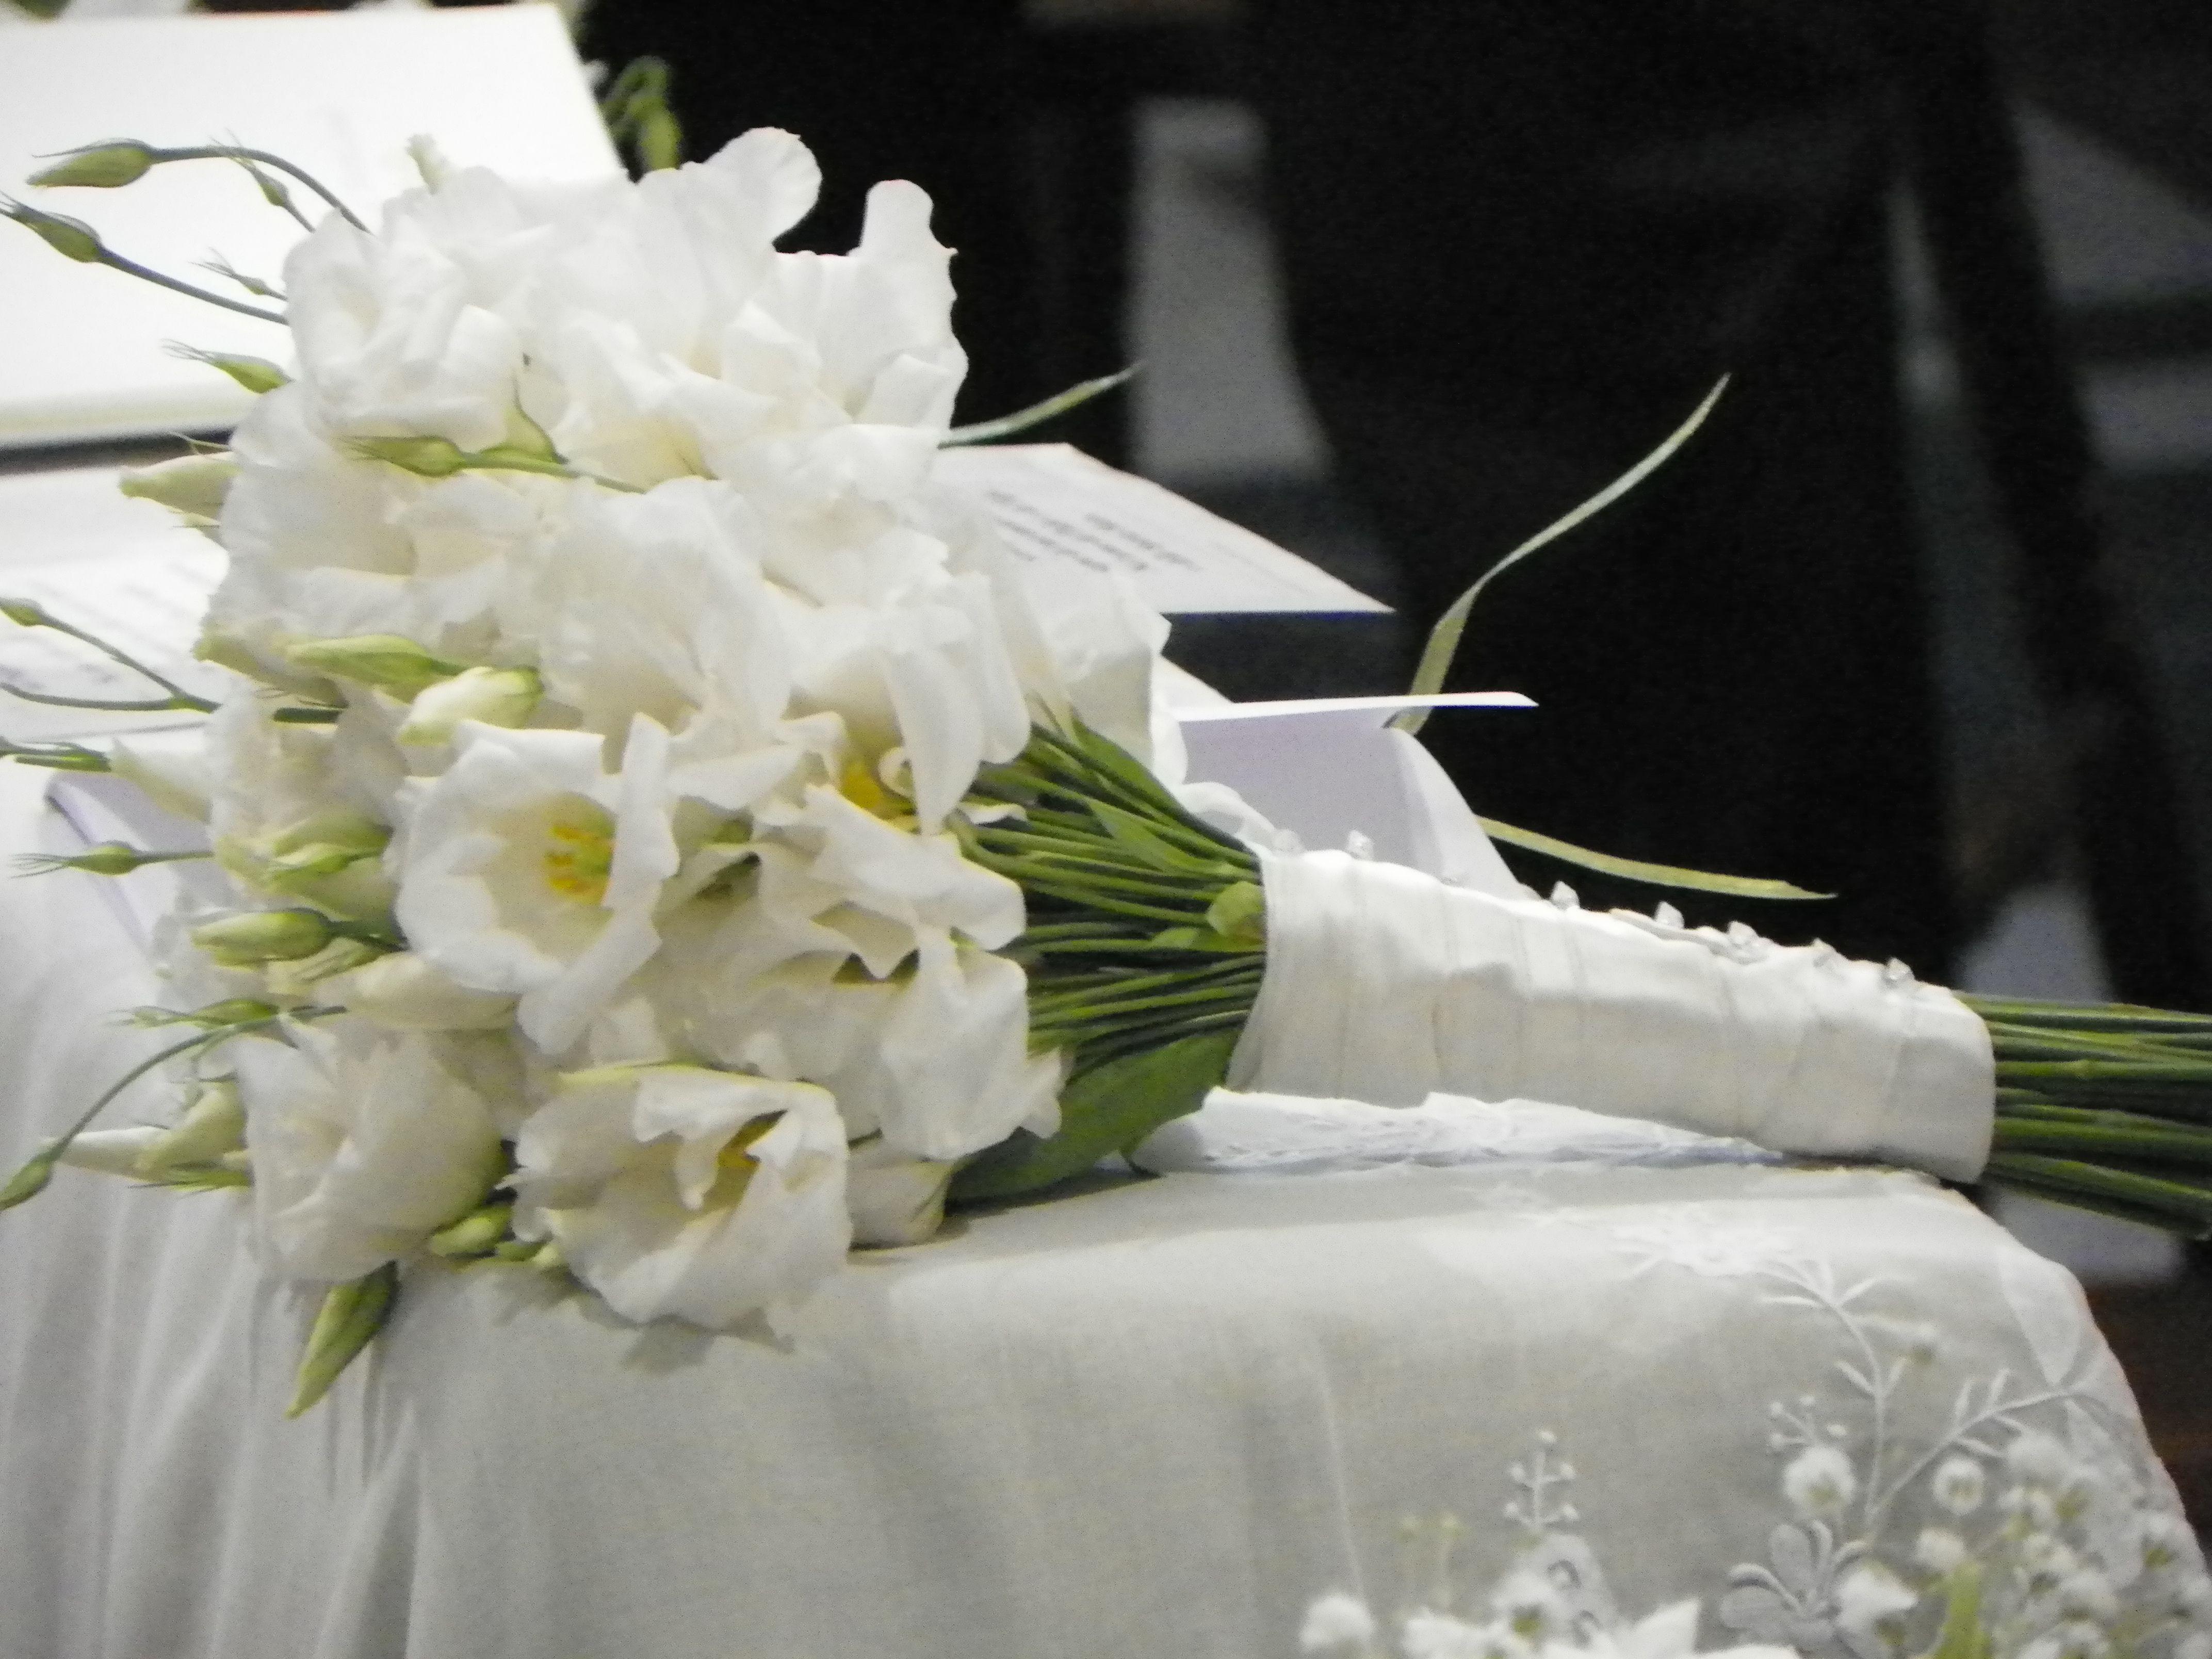 Bouquet Sposa Lisianthus.Per Una Giovane Sposa Economico Romantico Lisianthus Bouquet